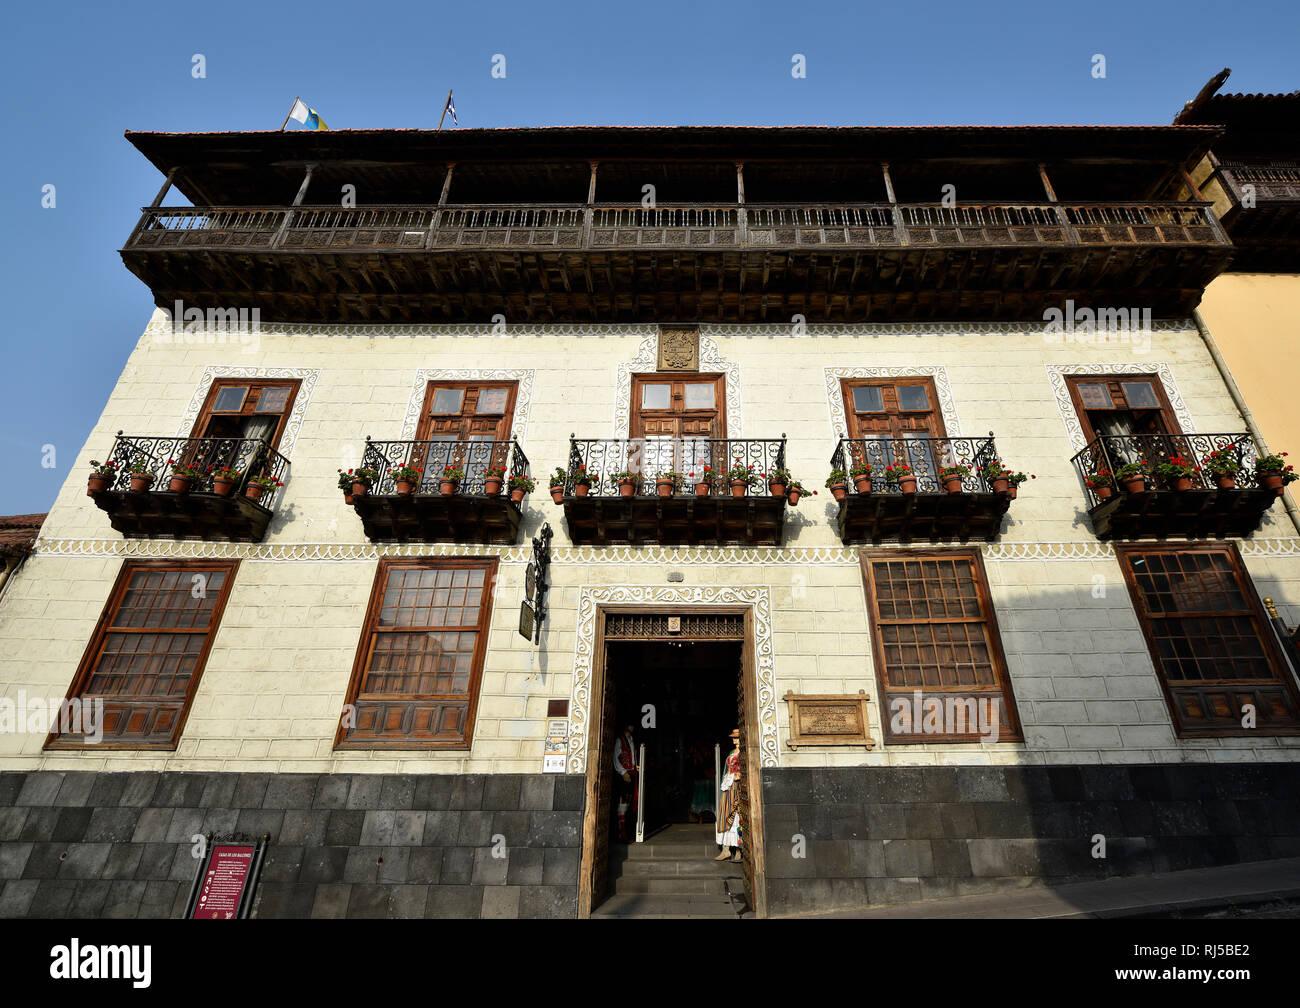 Außenansicht La Casa de los Balcones, La Orotava, Teneriffa, Kanarische Inseln, Spanien - Stock Image